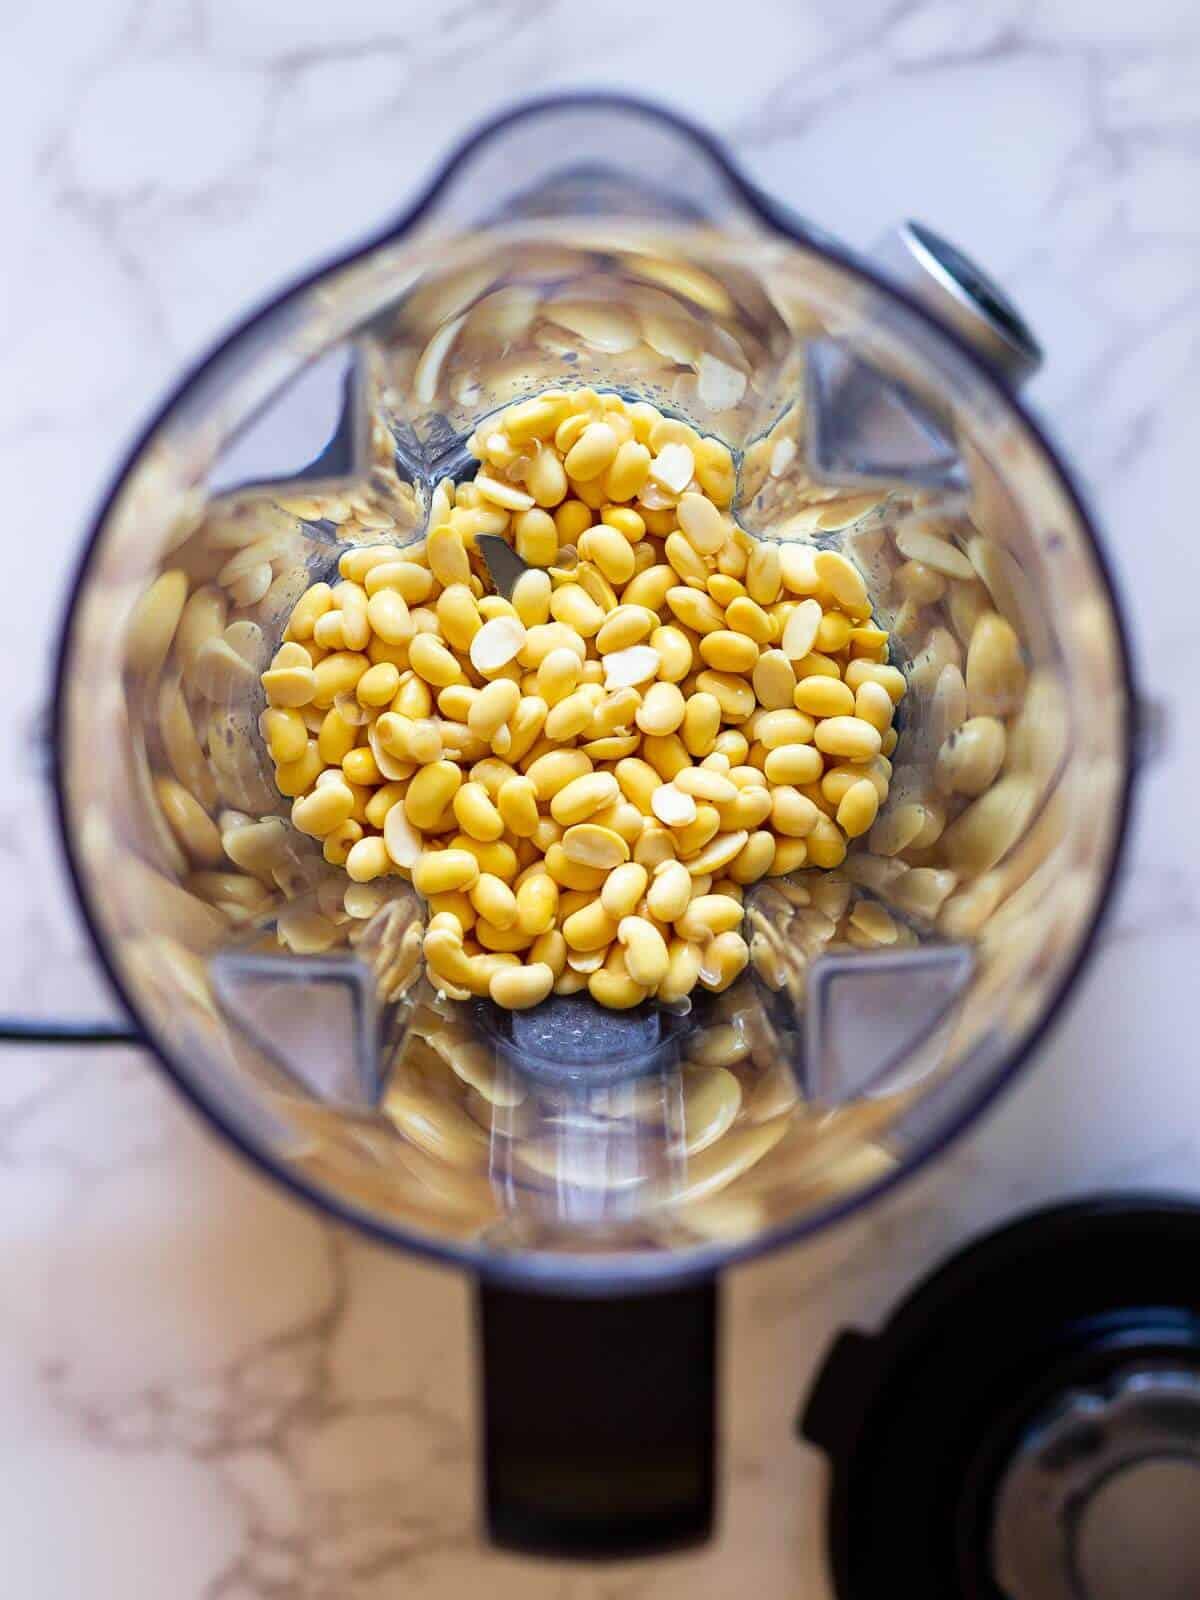 soy beans in blender